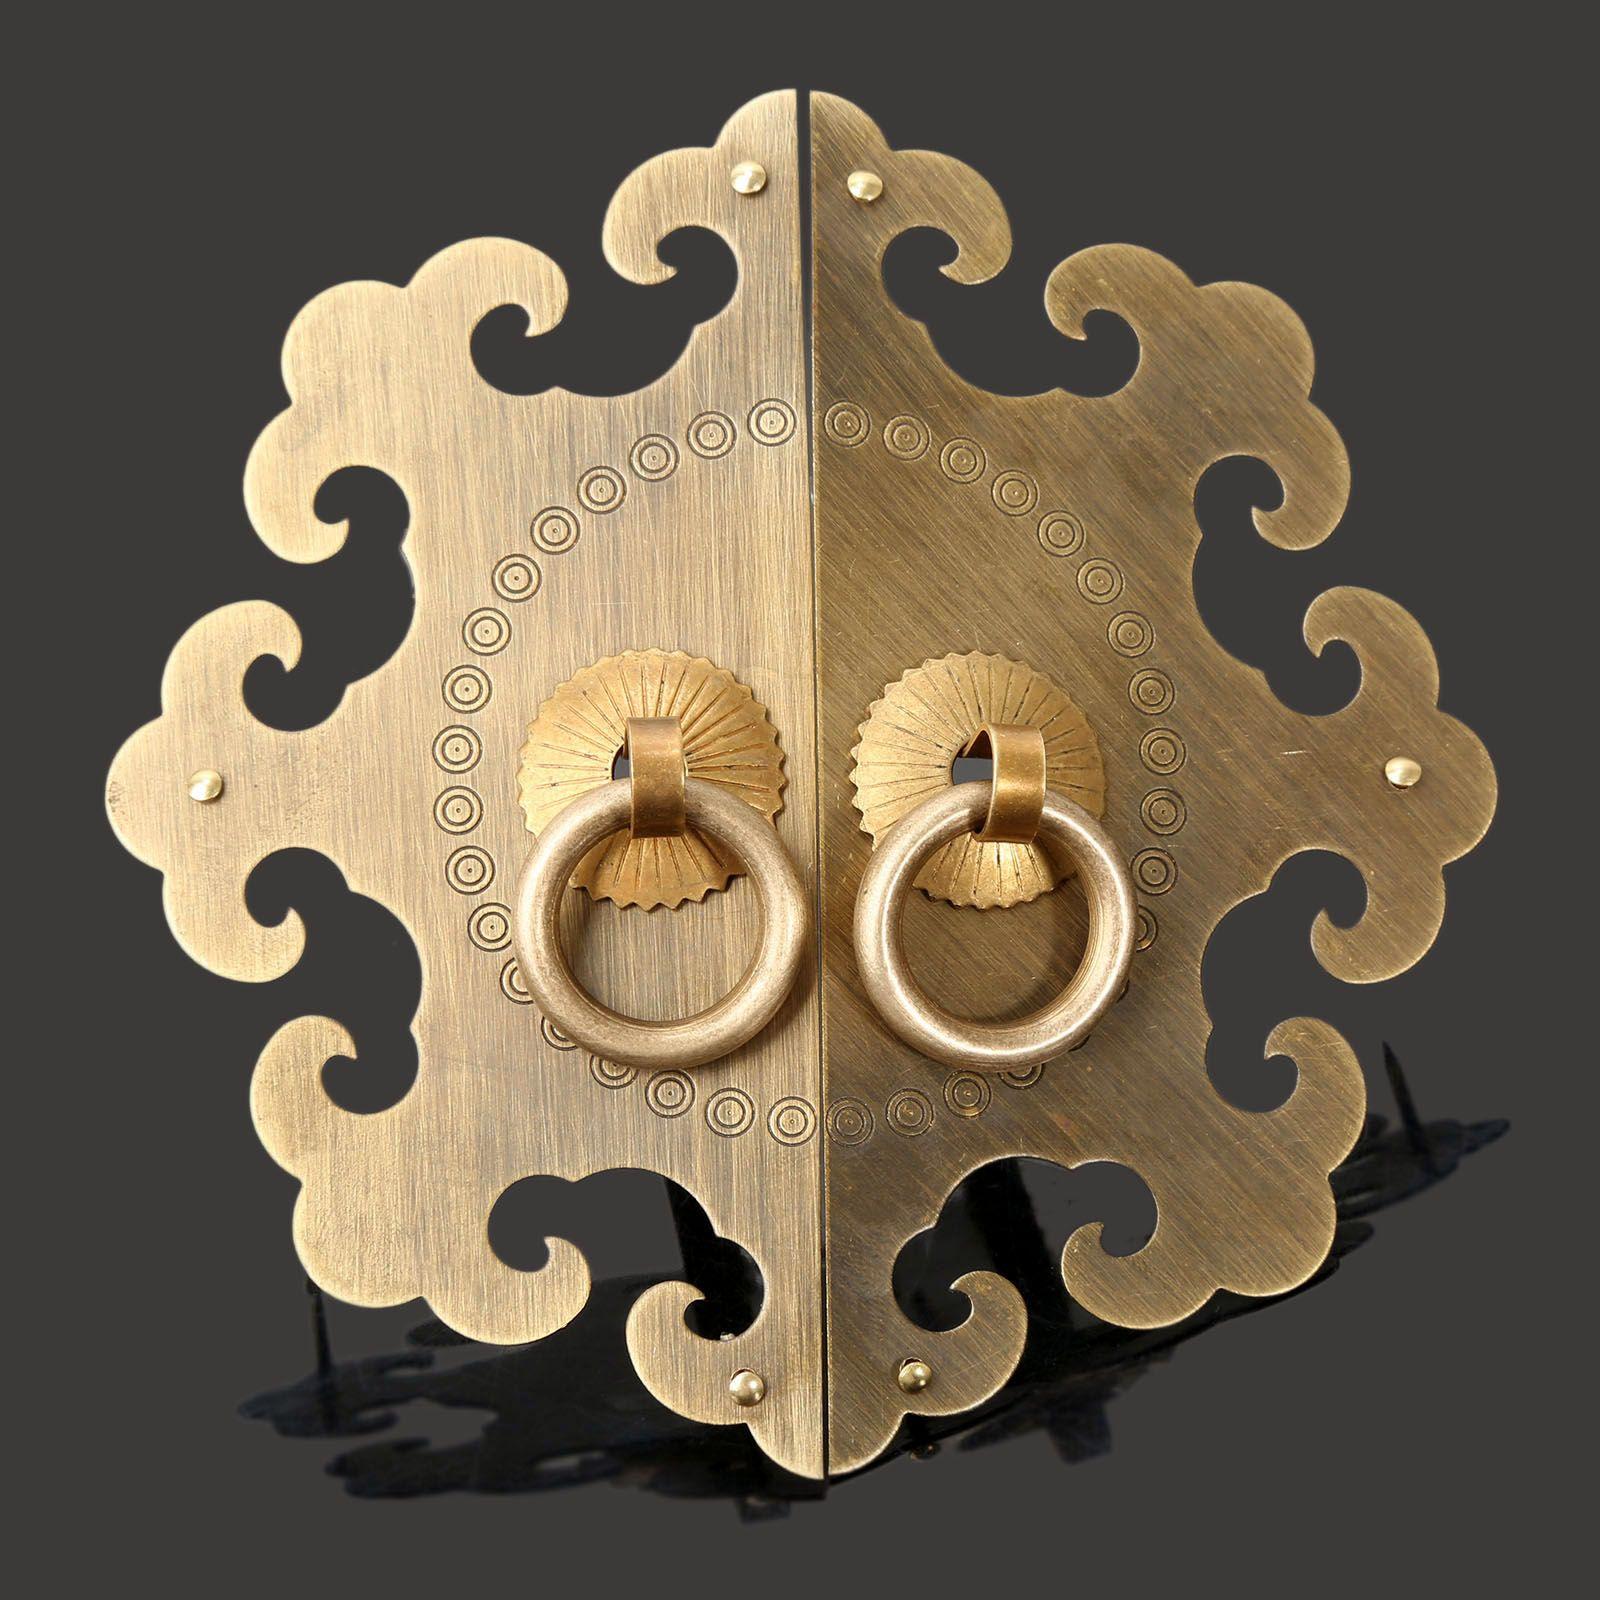 Antike Möbel Armaturen Messing Hardware Vintage Chinesische Kabinett Gesicht Platte Set Türschrank Stoßgriff Knöpfe für Möbel